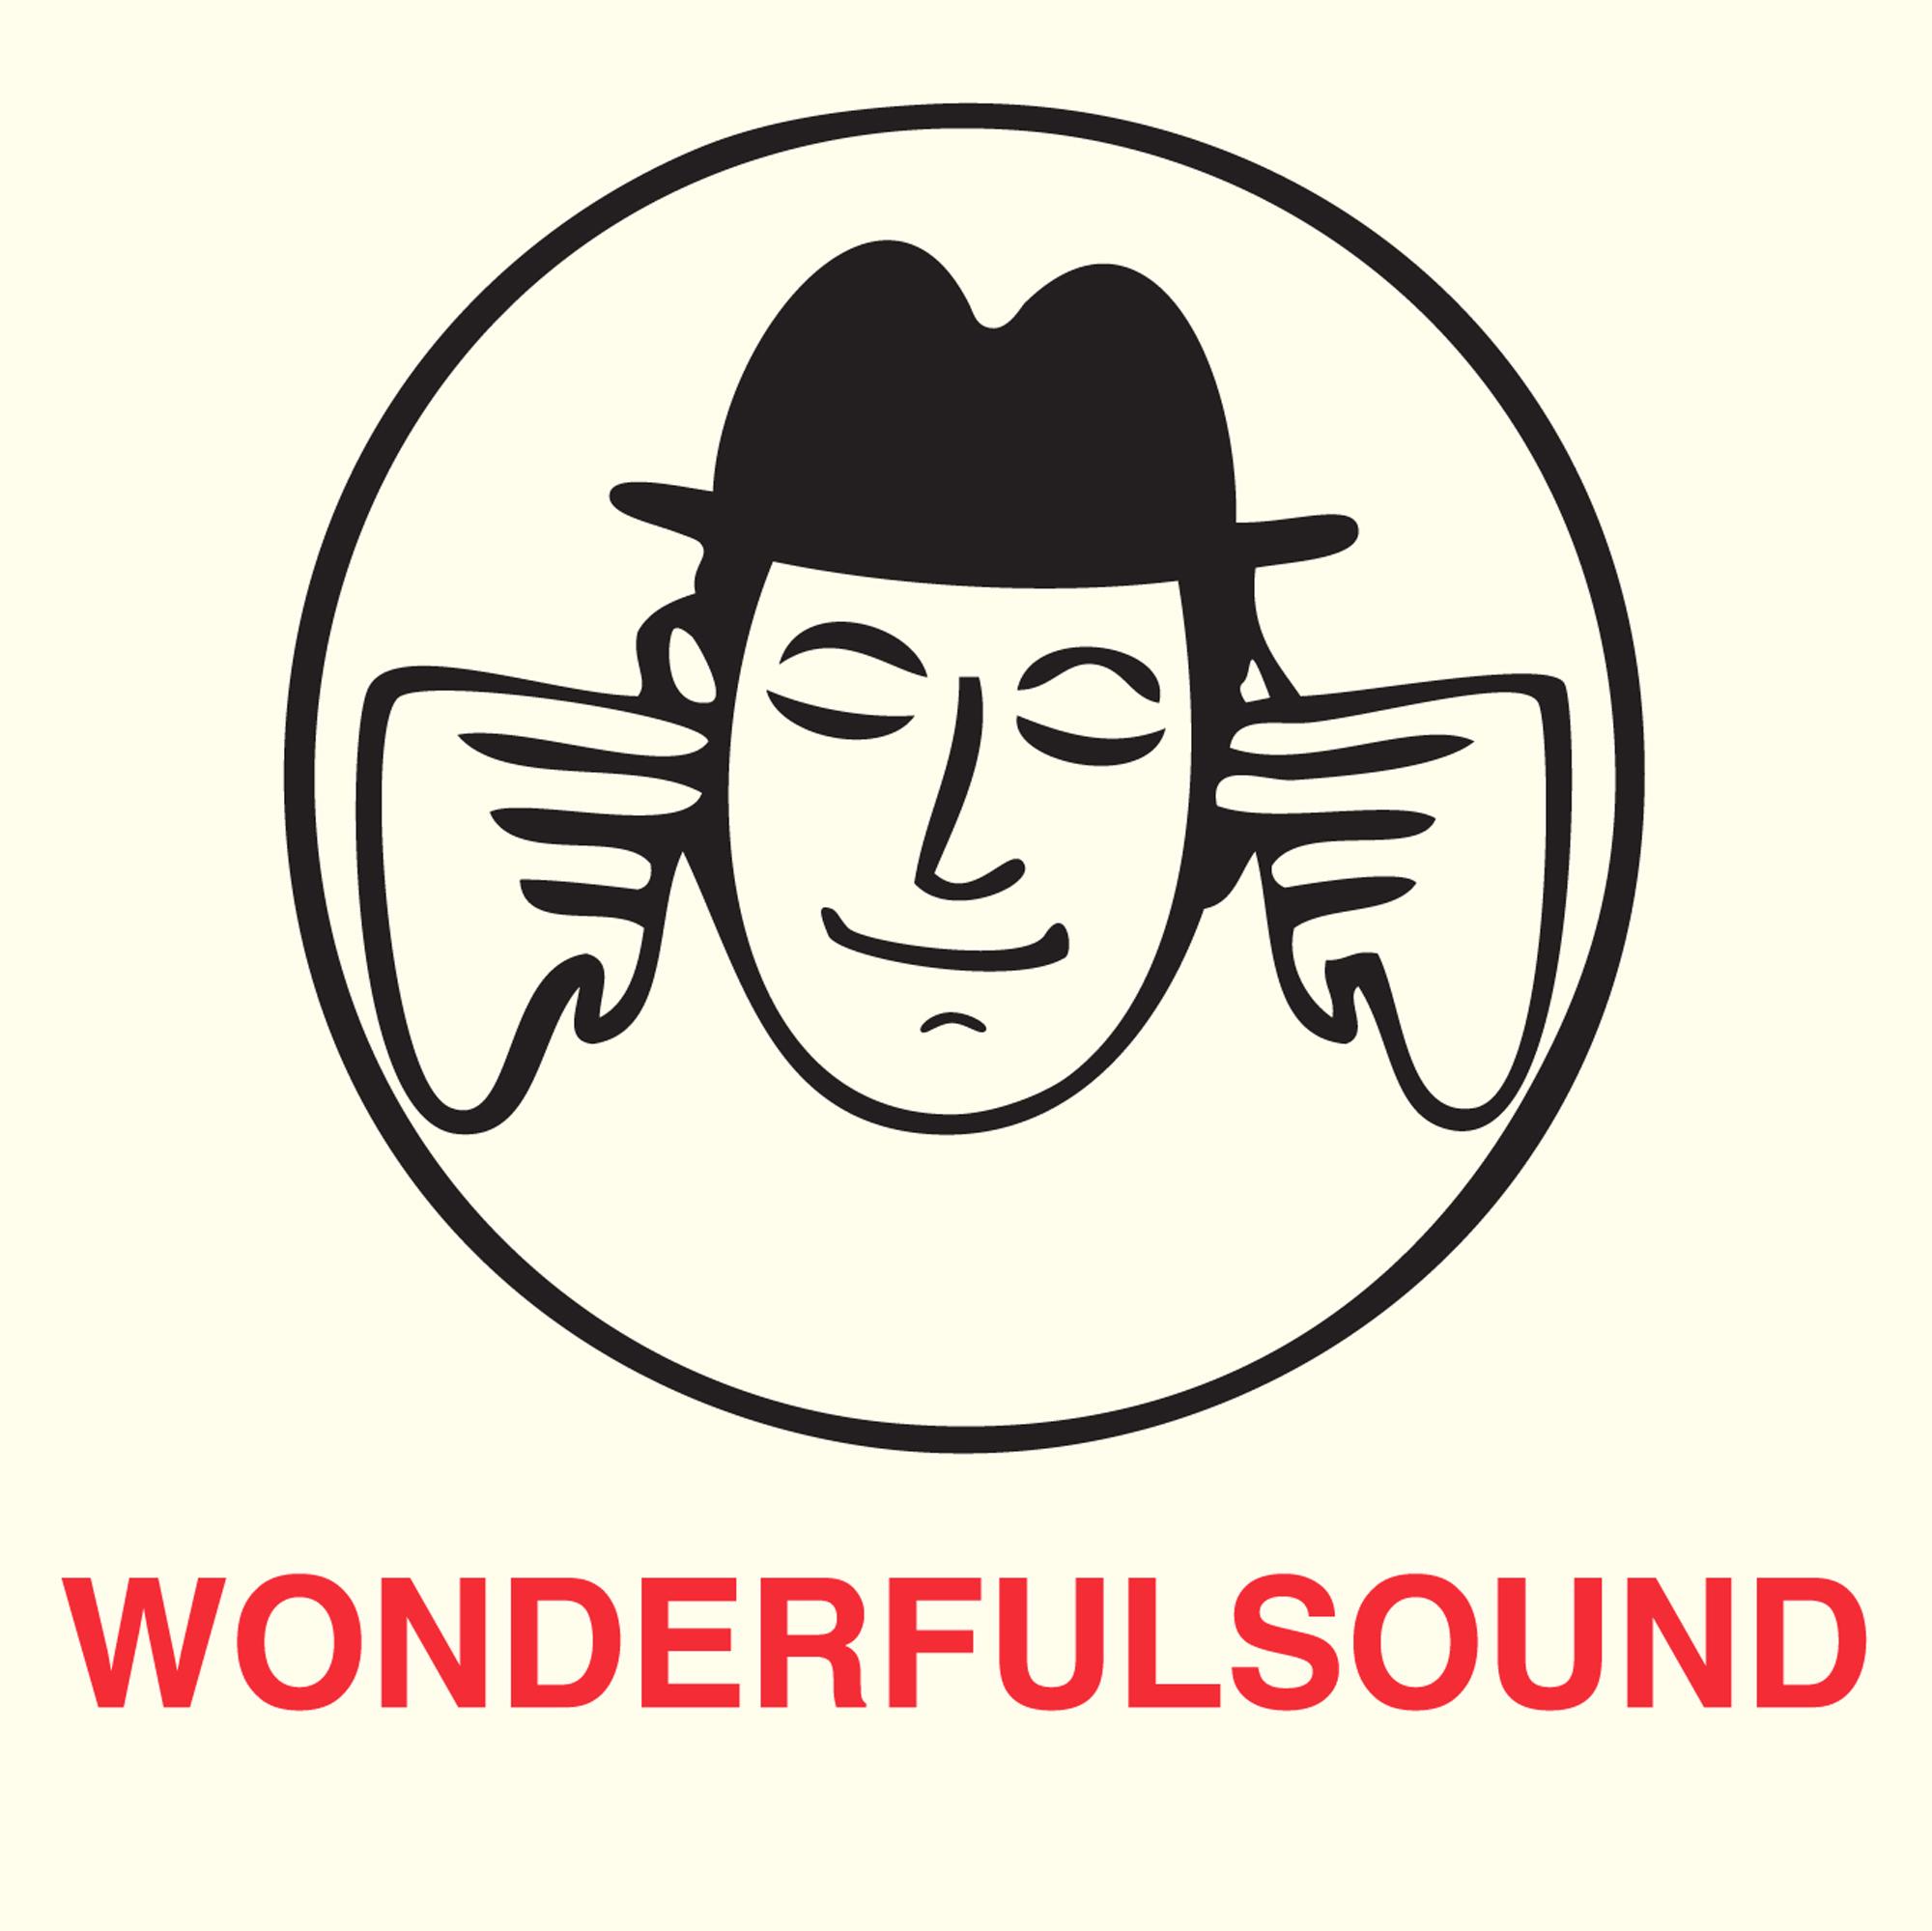 Wond-Blk-Cream-Redtype-Sq.jpg